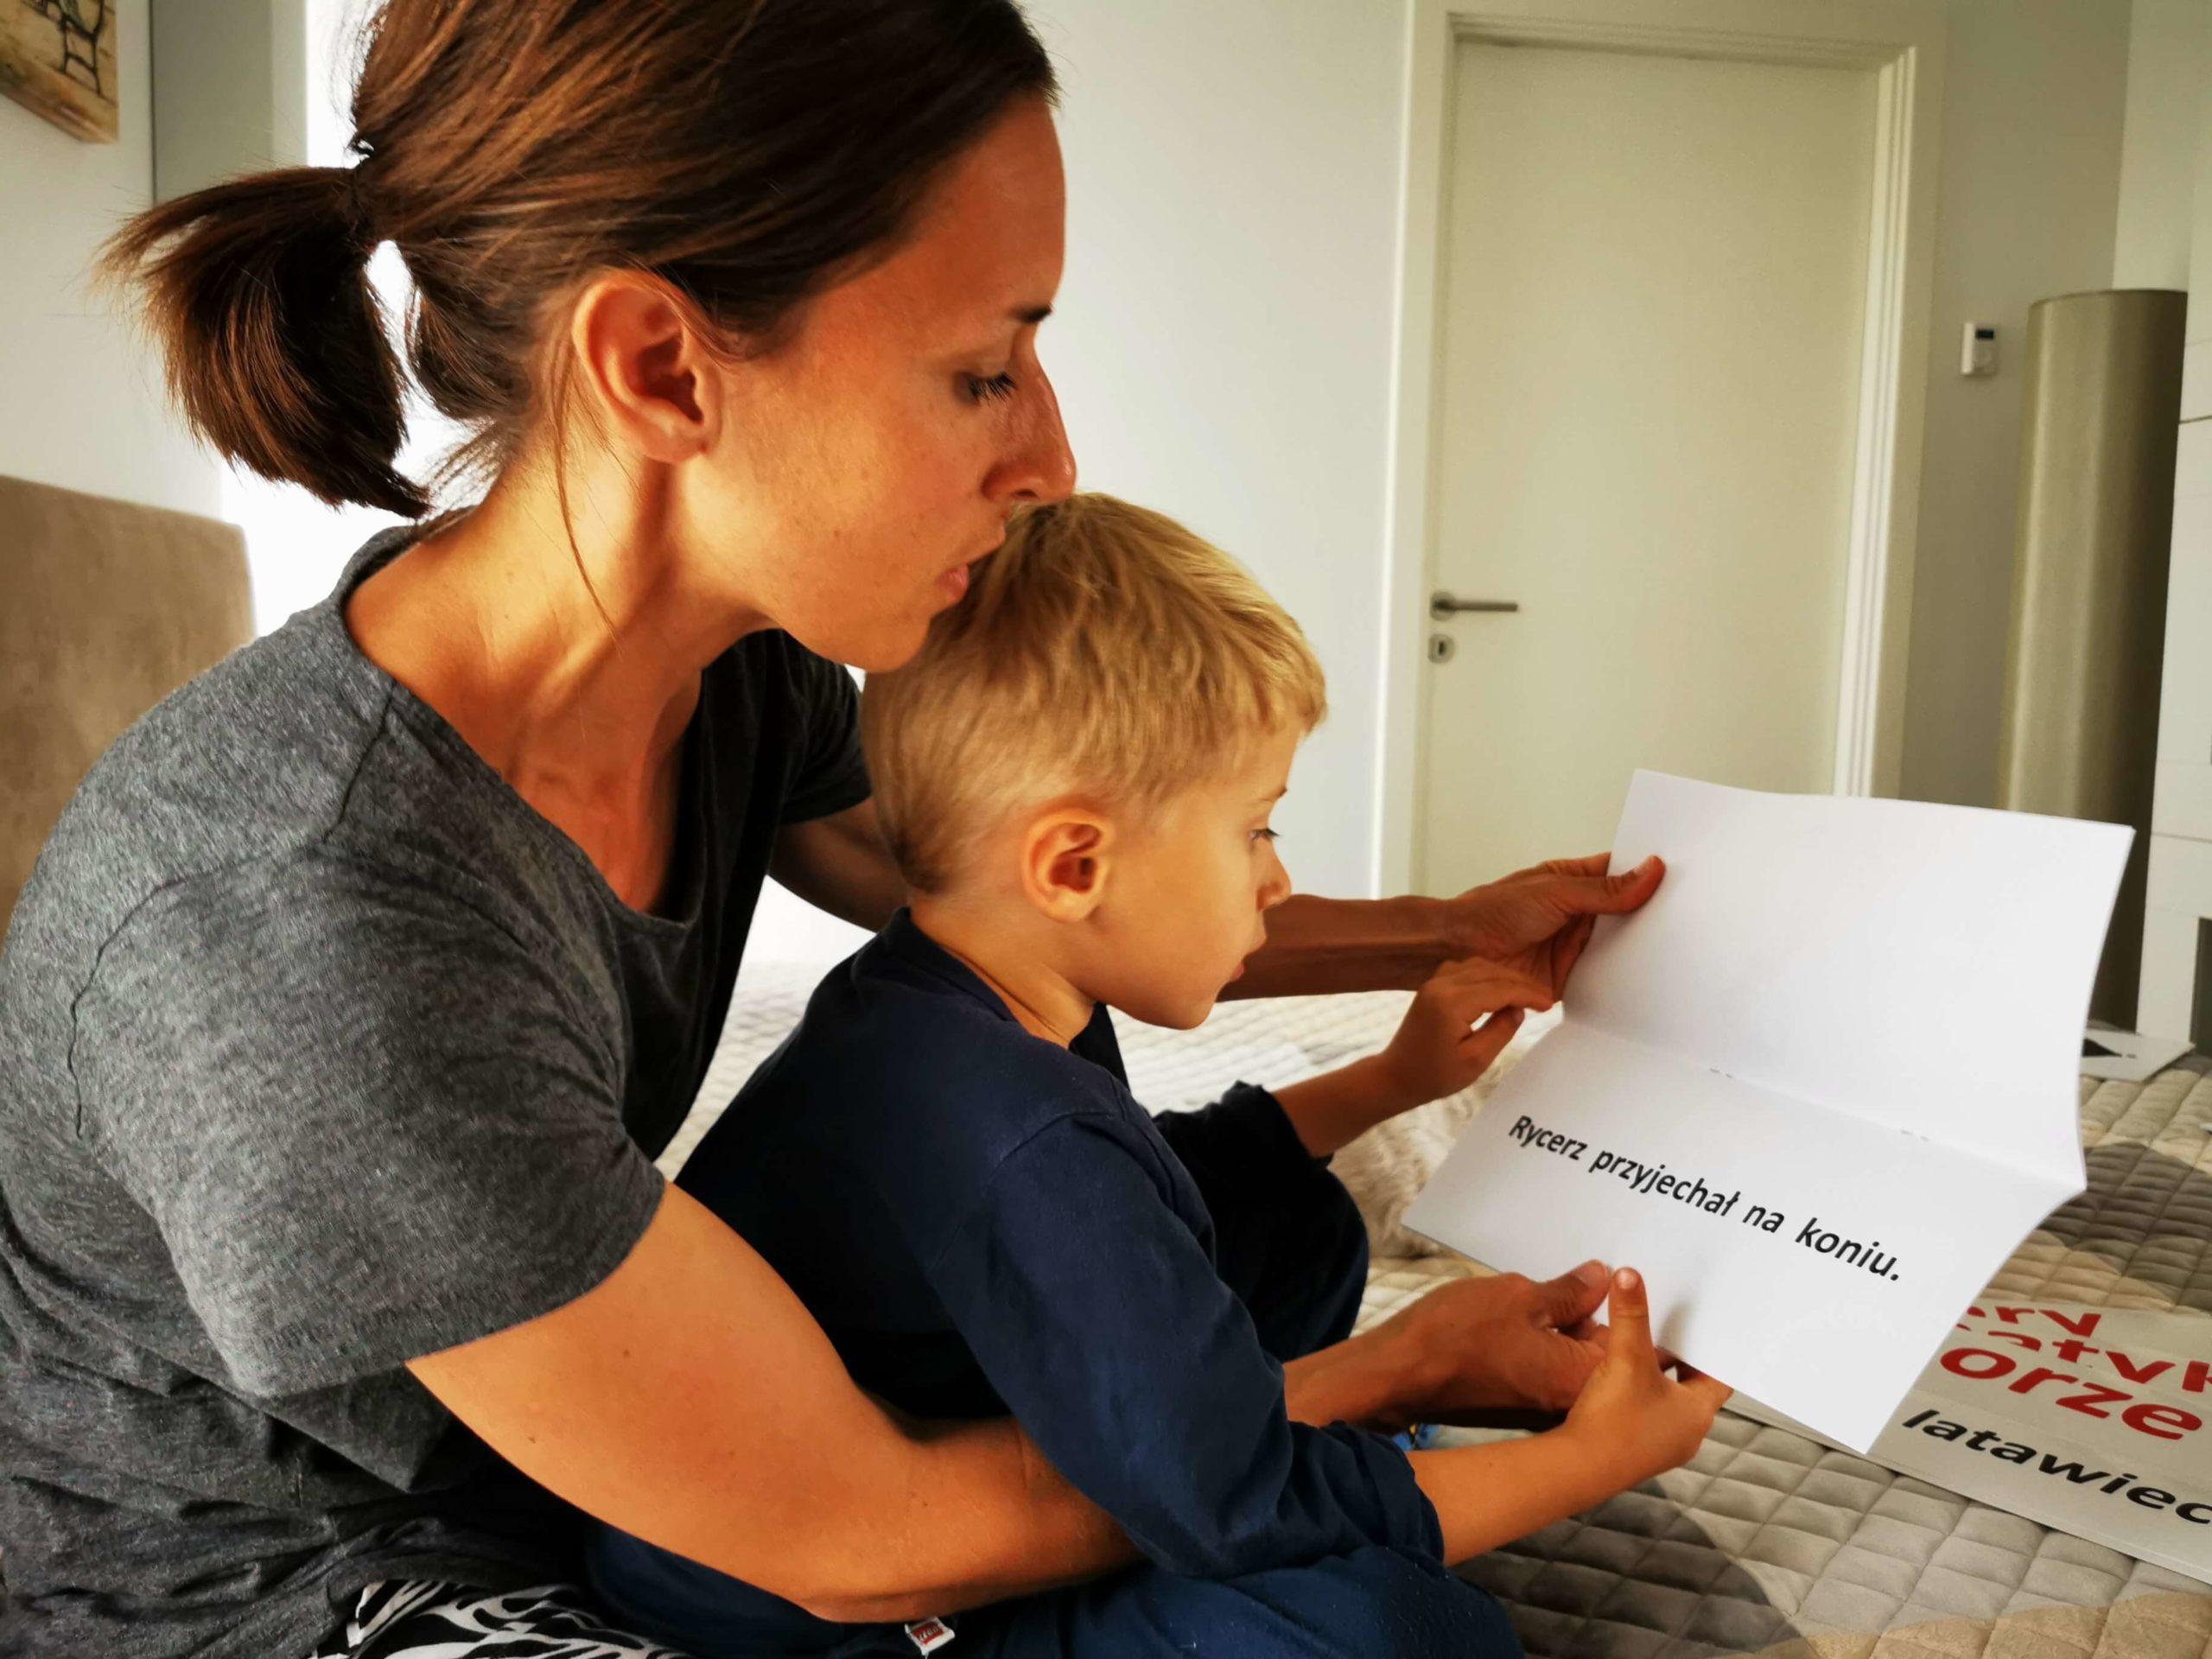 Jak Nauczyć Dziecko Płynnie Czytać Przedszkolak Czyta Książkę DoNauki Czytania